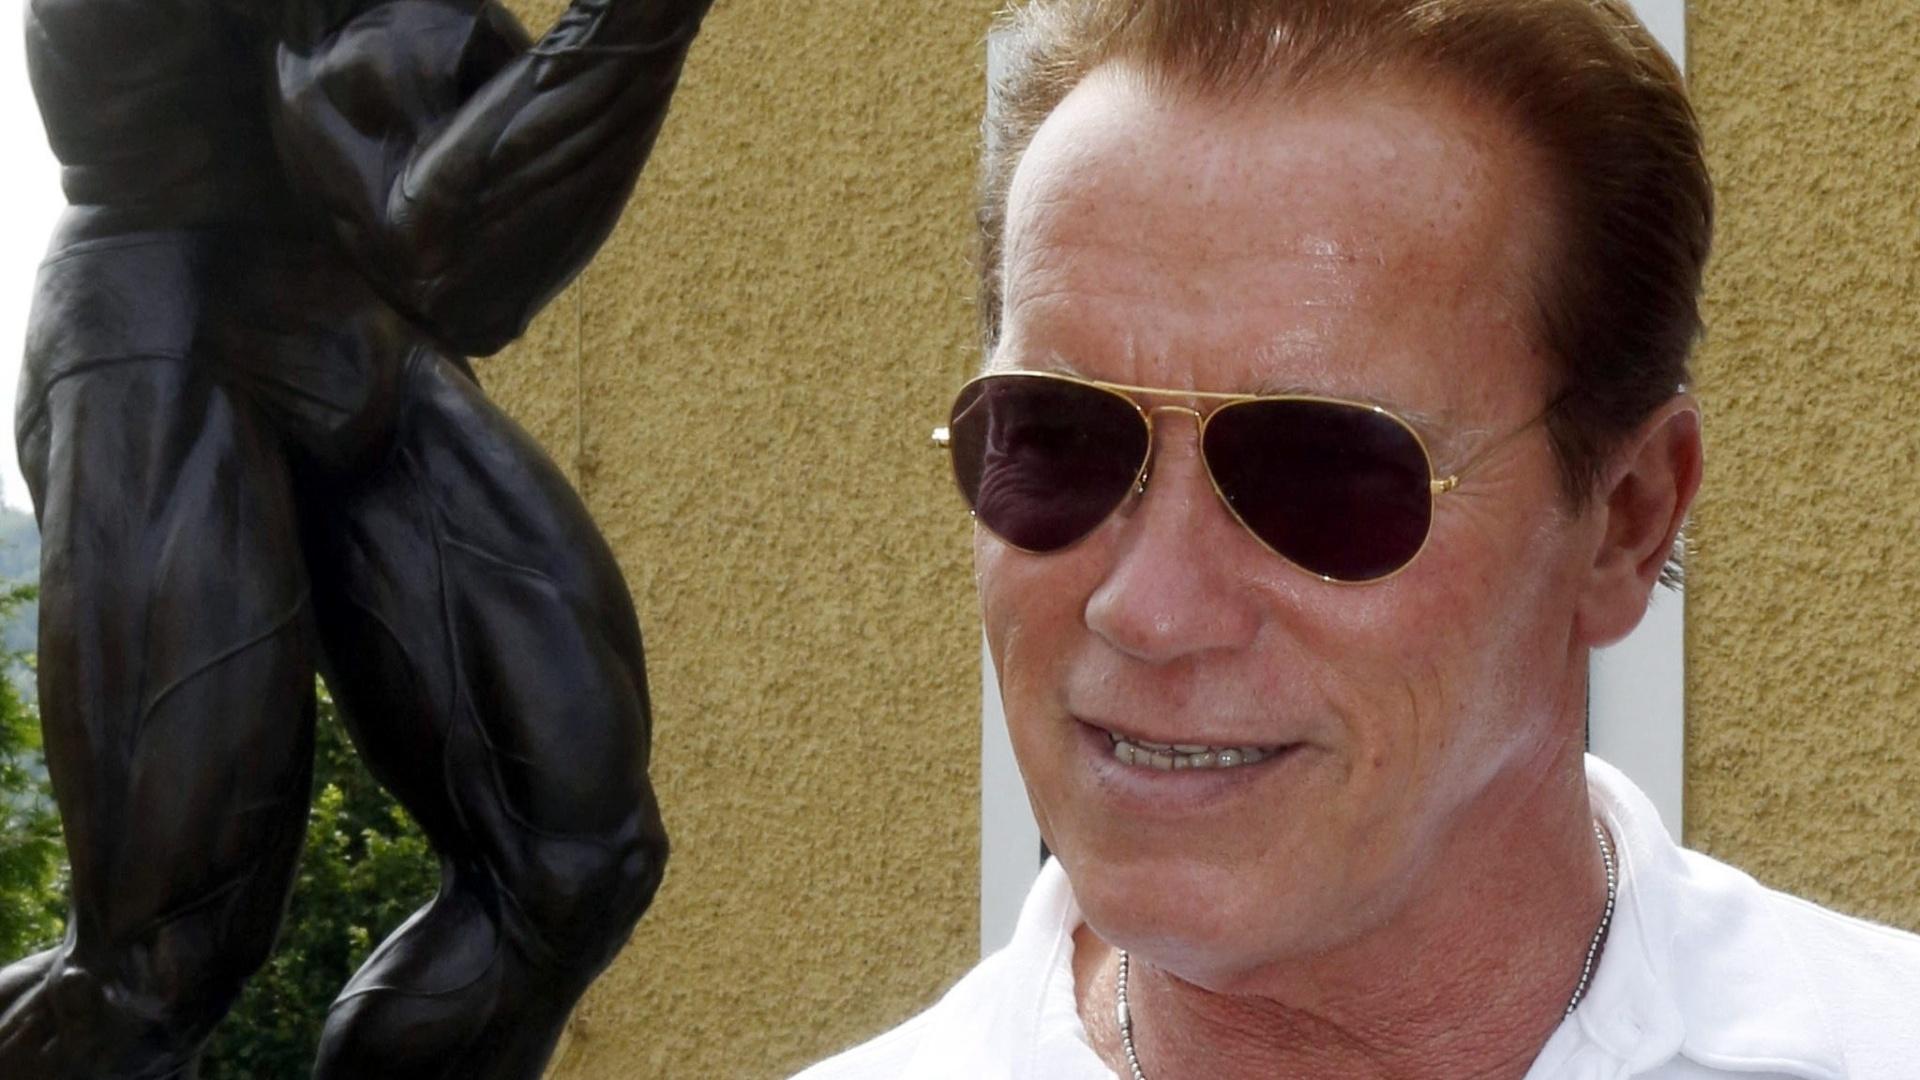 Governador da Califórnia, o ator Arnold Schwarzenneger visita museu na Áustria, sua cidade natal, em sua homenagem. Atrás do ator, escultura da época em que era fisiculturista (4/7/12)